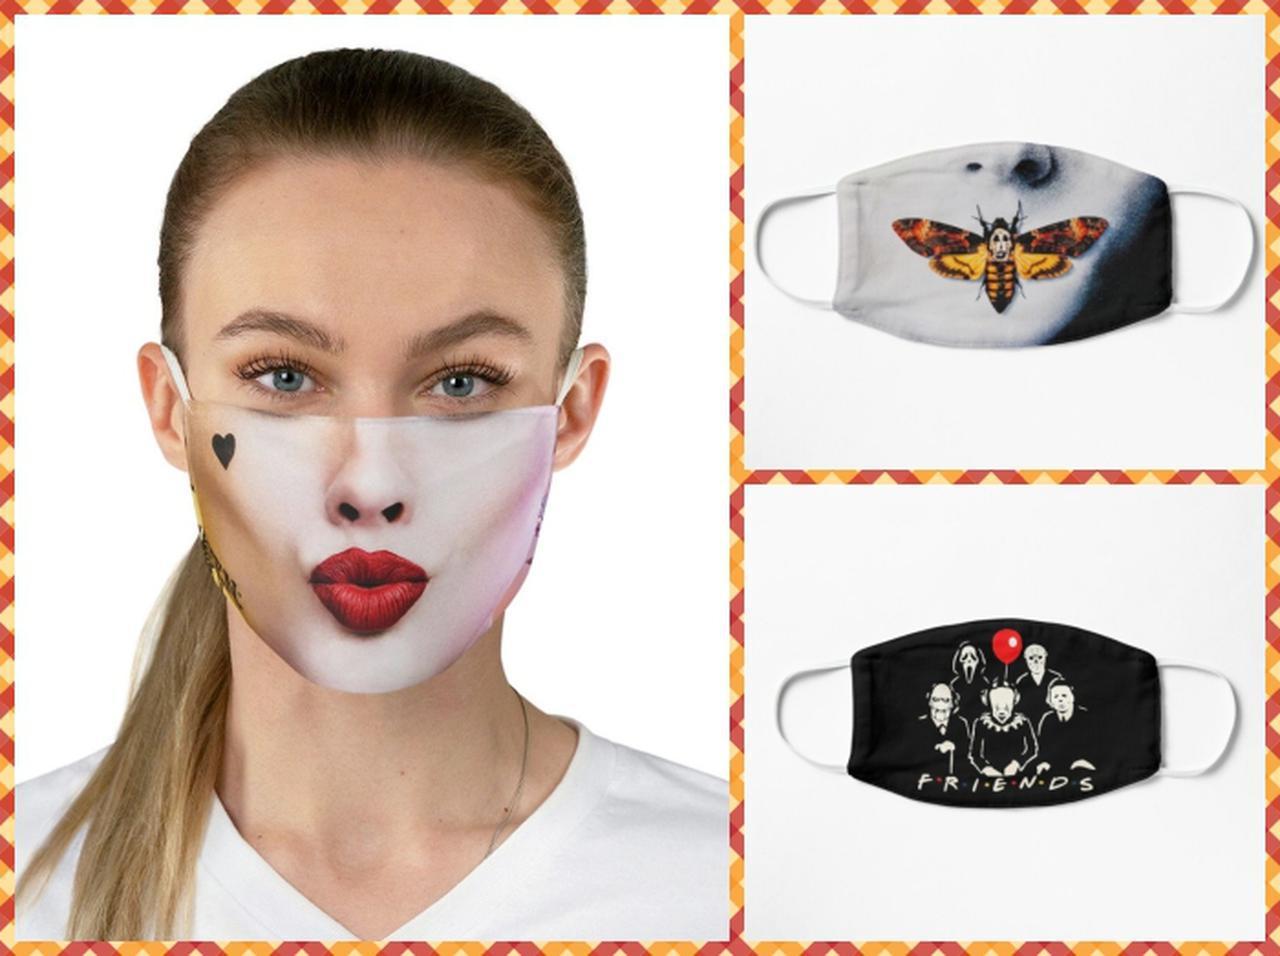 画像: 今年の仮装はこれで完了!「ハロウィン仕様マスク」が可愛くて使えそう - フロントロウ -海外セレブ情報を発信